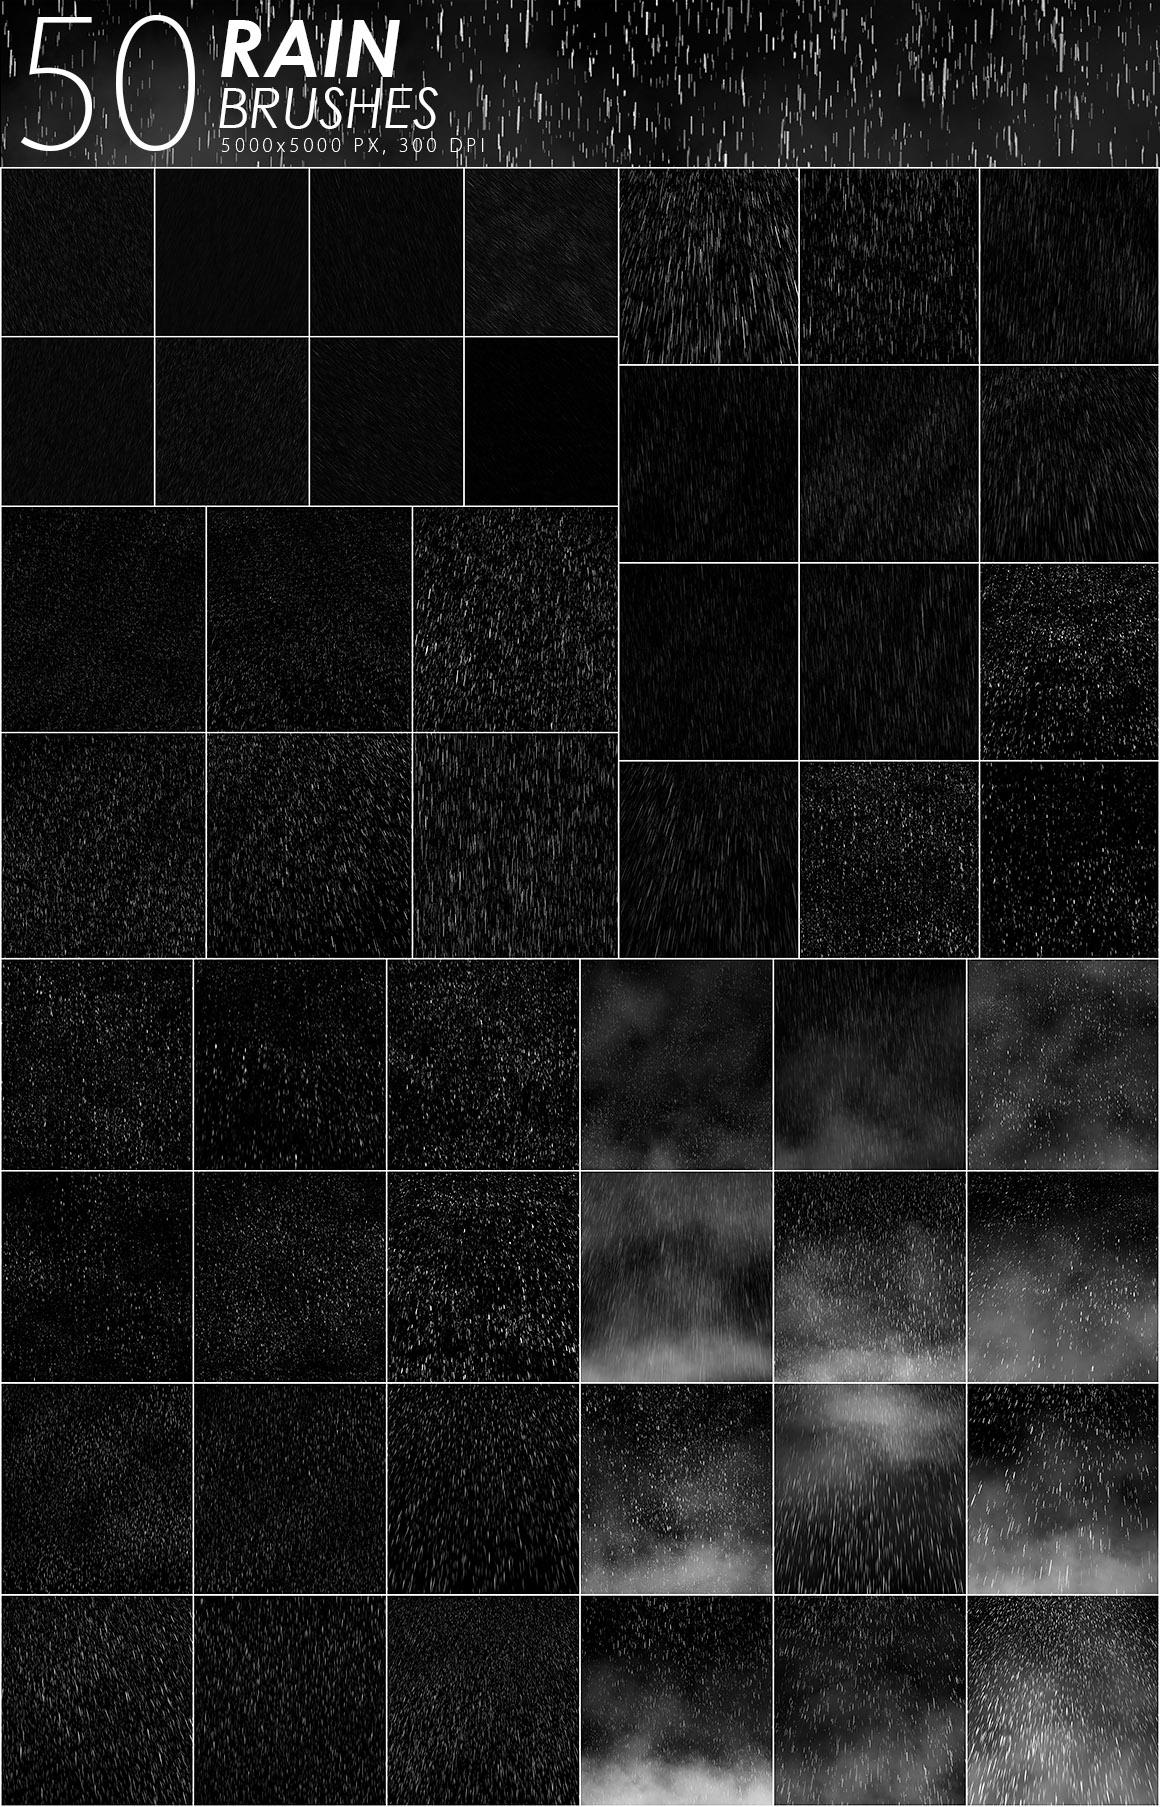 50 Rain Photoshop Brushes example image 2